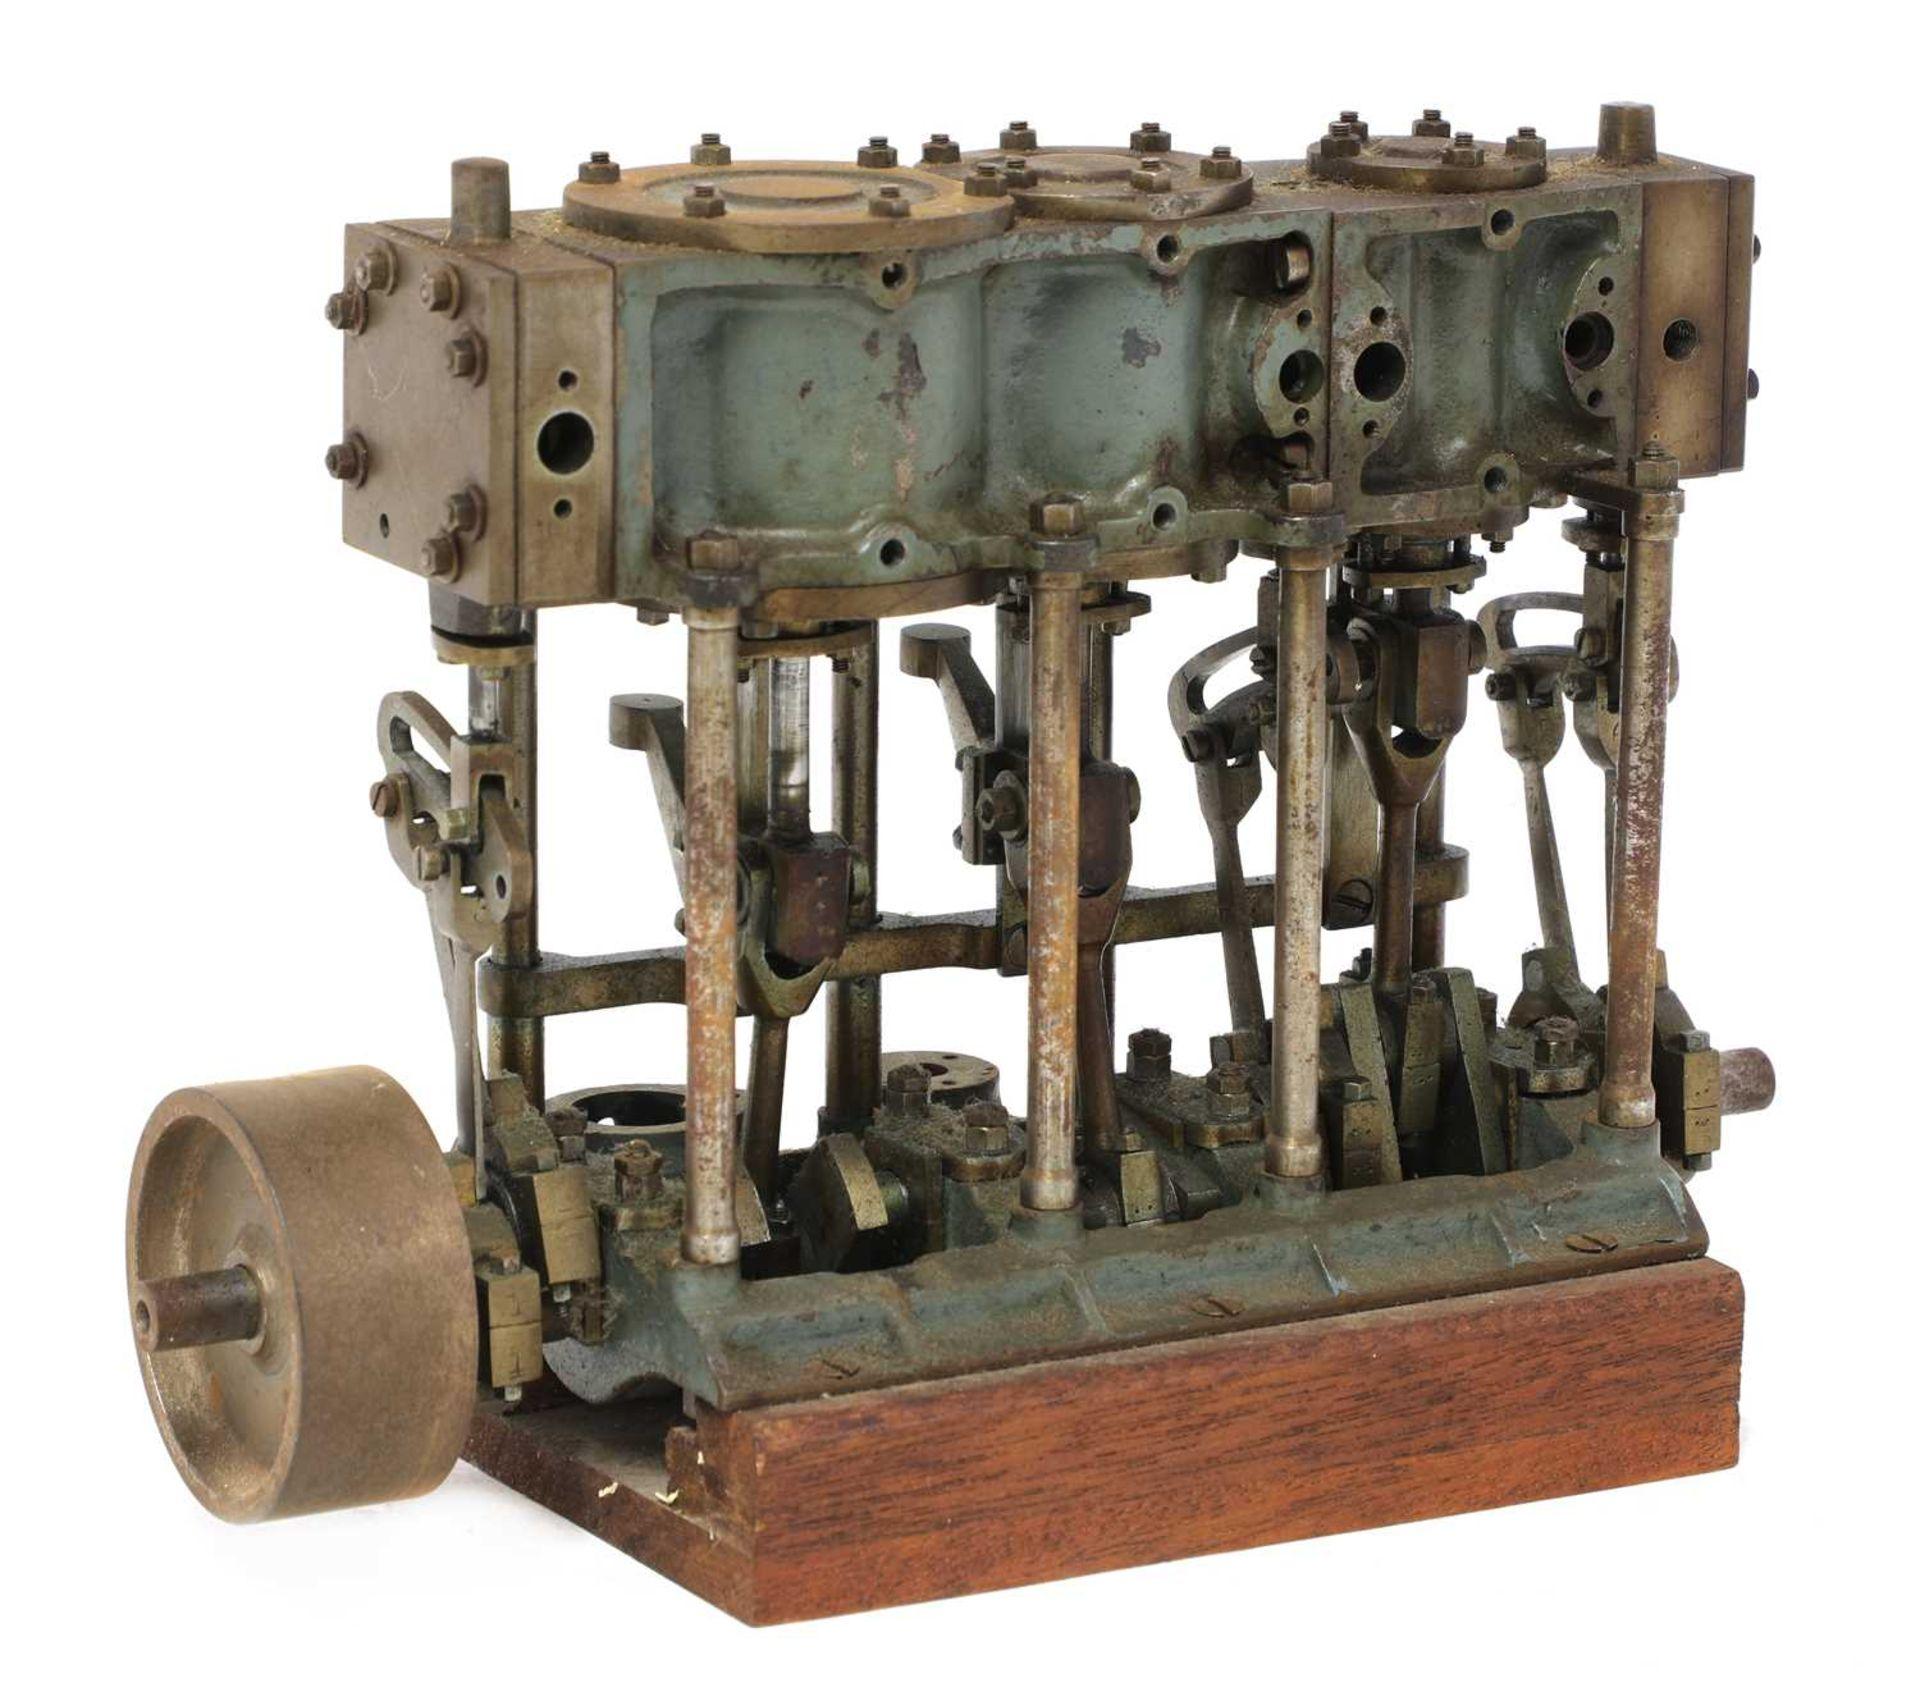 A model of a Stuart Turner triple expansion engine,